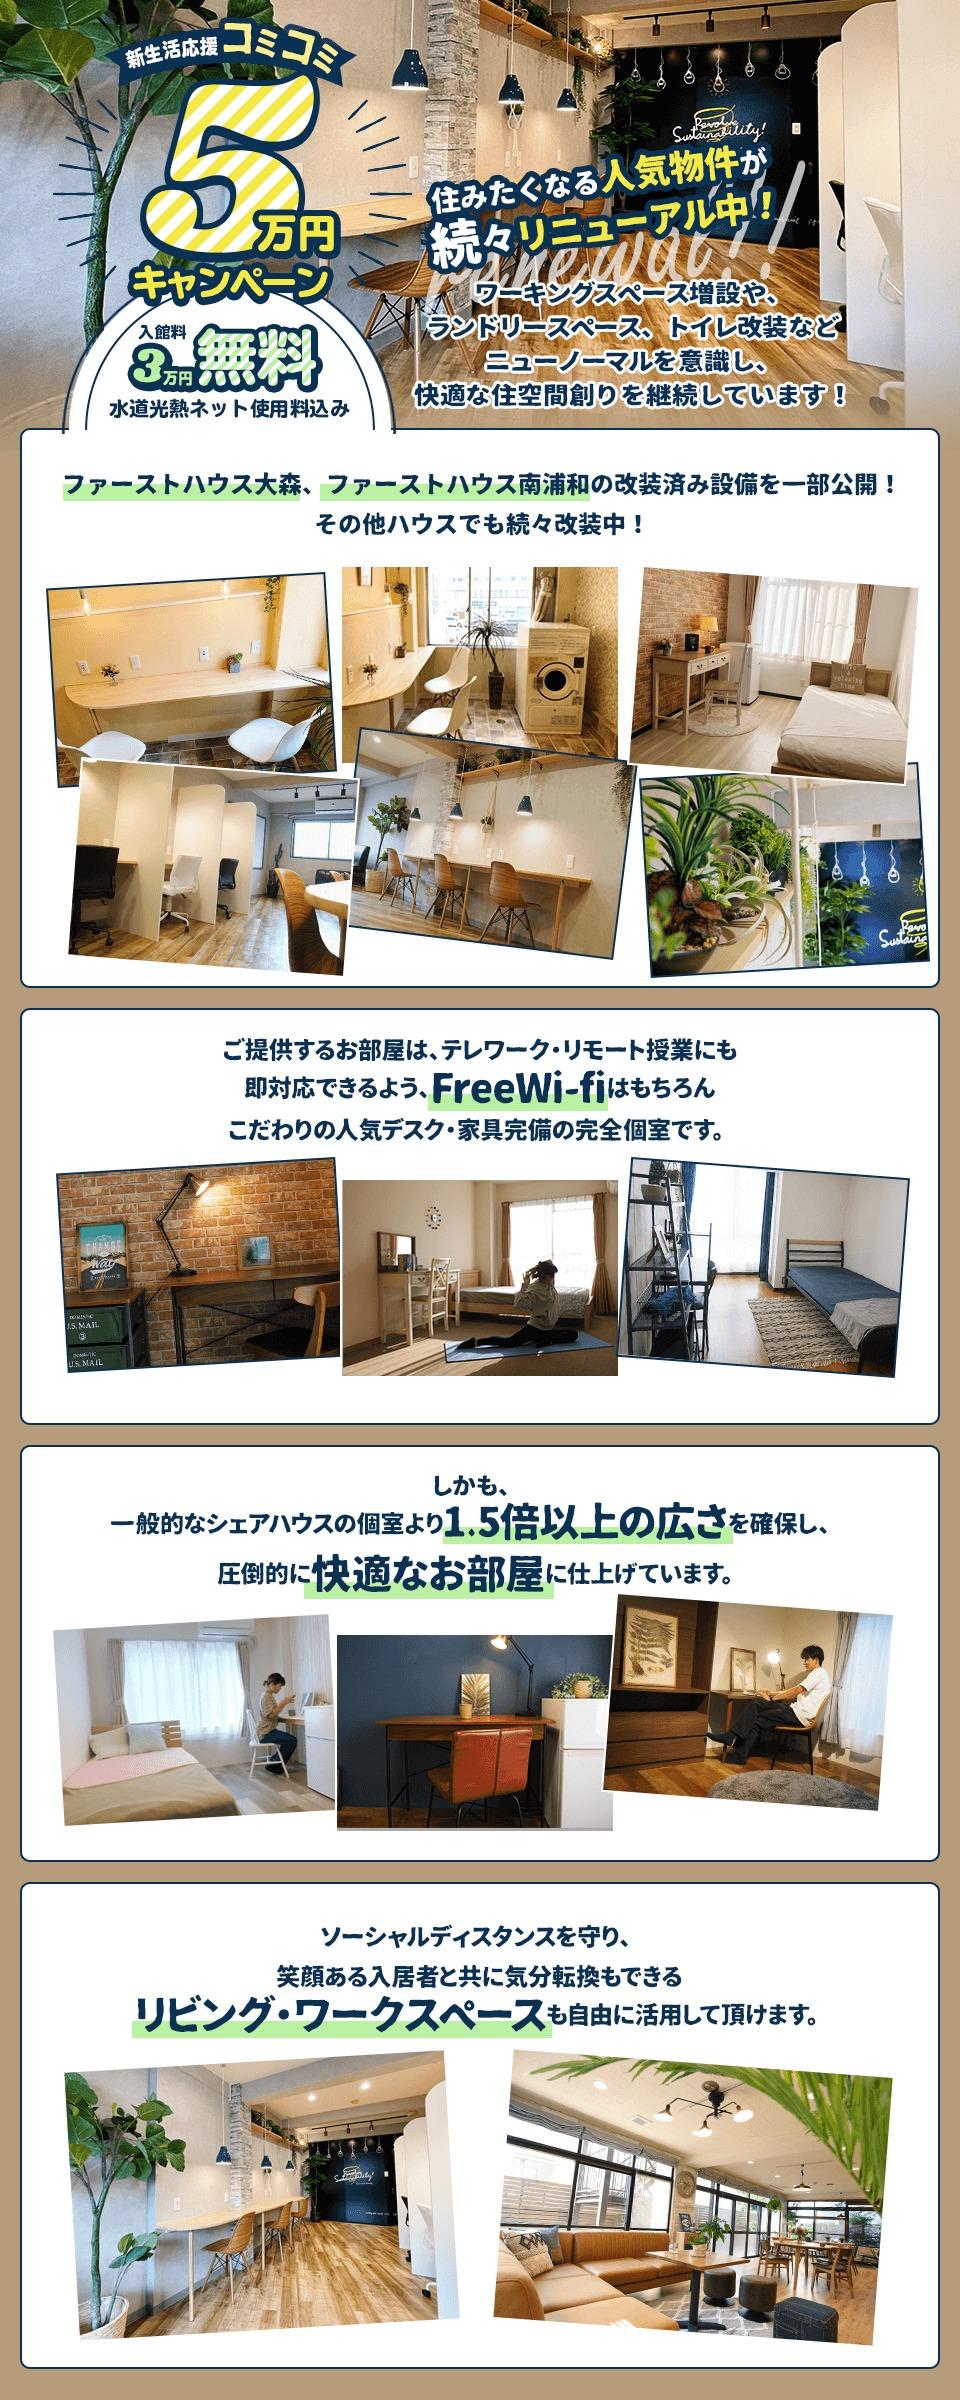 新生活応援!人気リニューアル物件コミコミ5万円キャンペーン